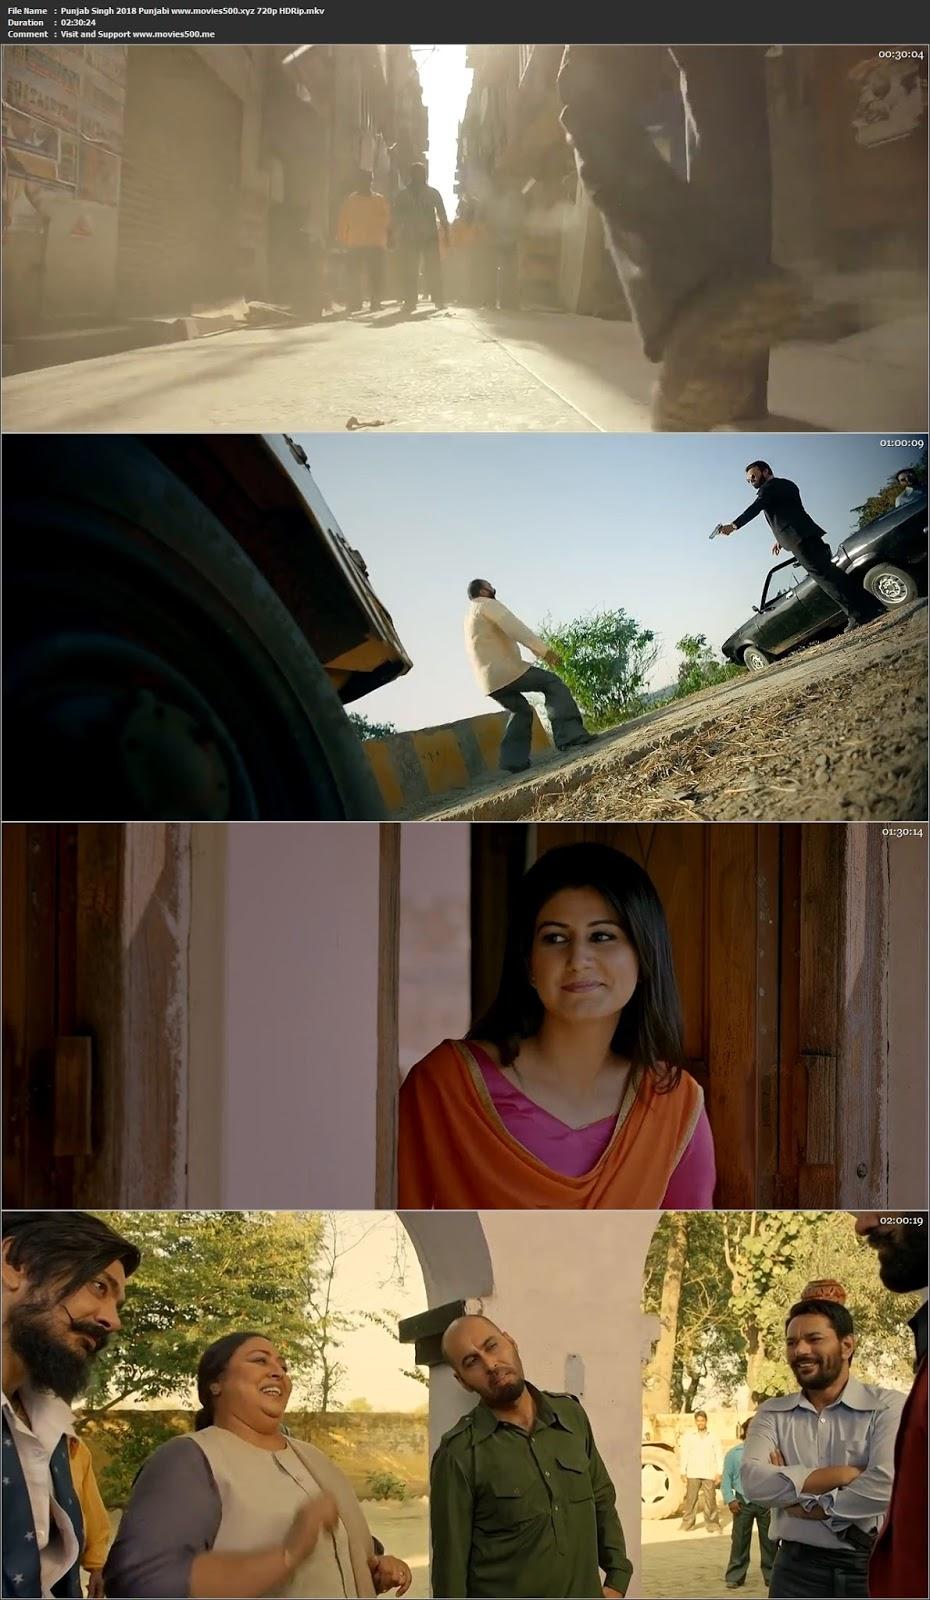 Punjab Singh 2018 Punjabi Full Movie HDRip 720p at bcvwop.biz